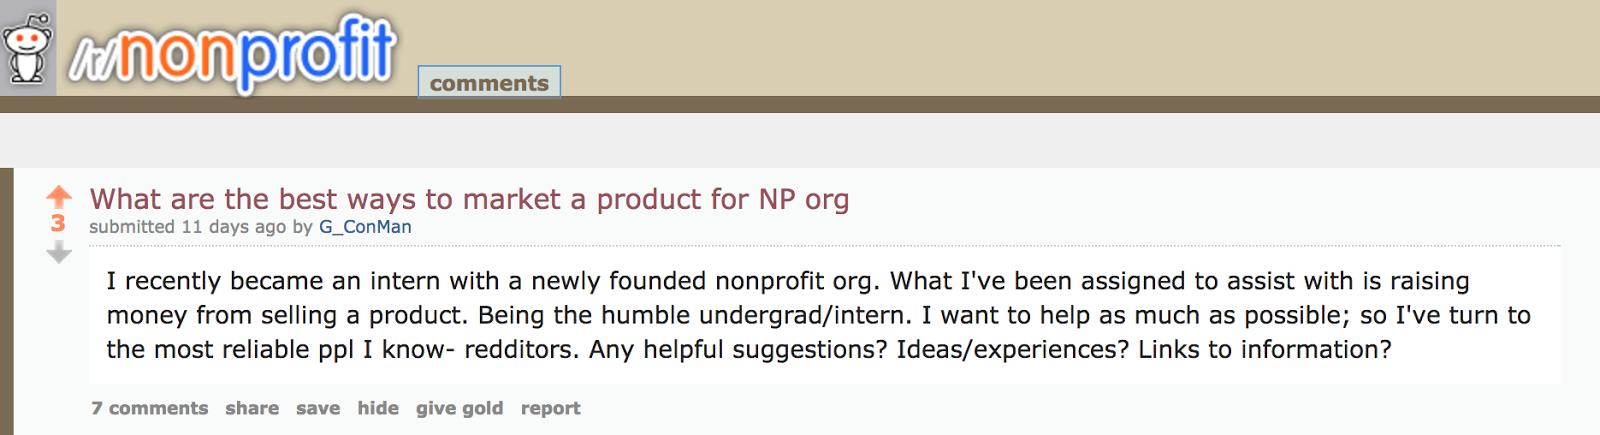 rnonprofits